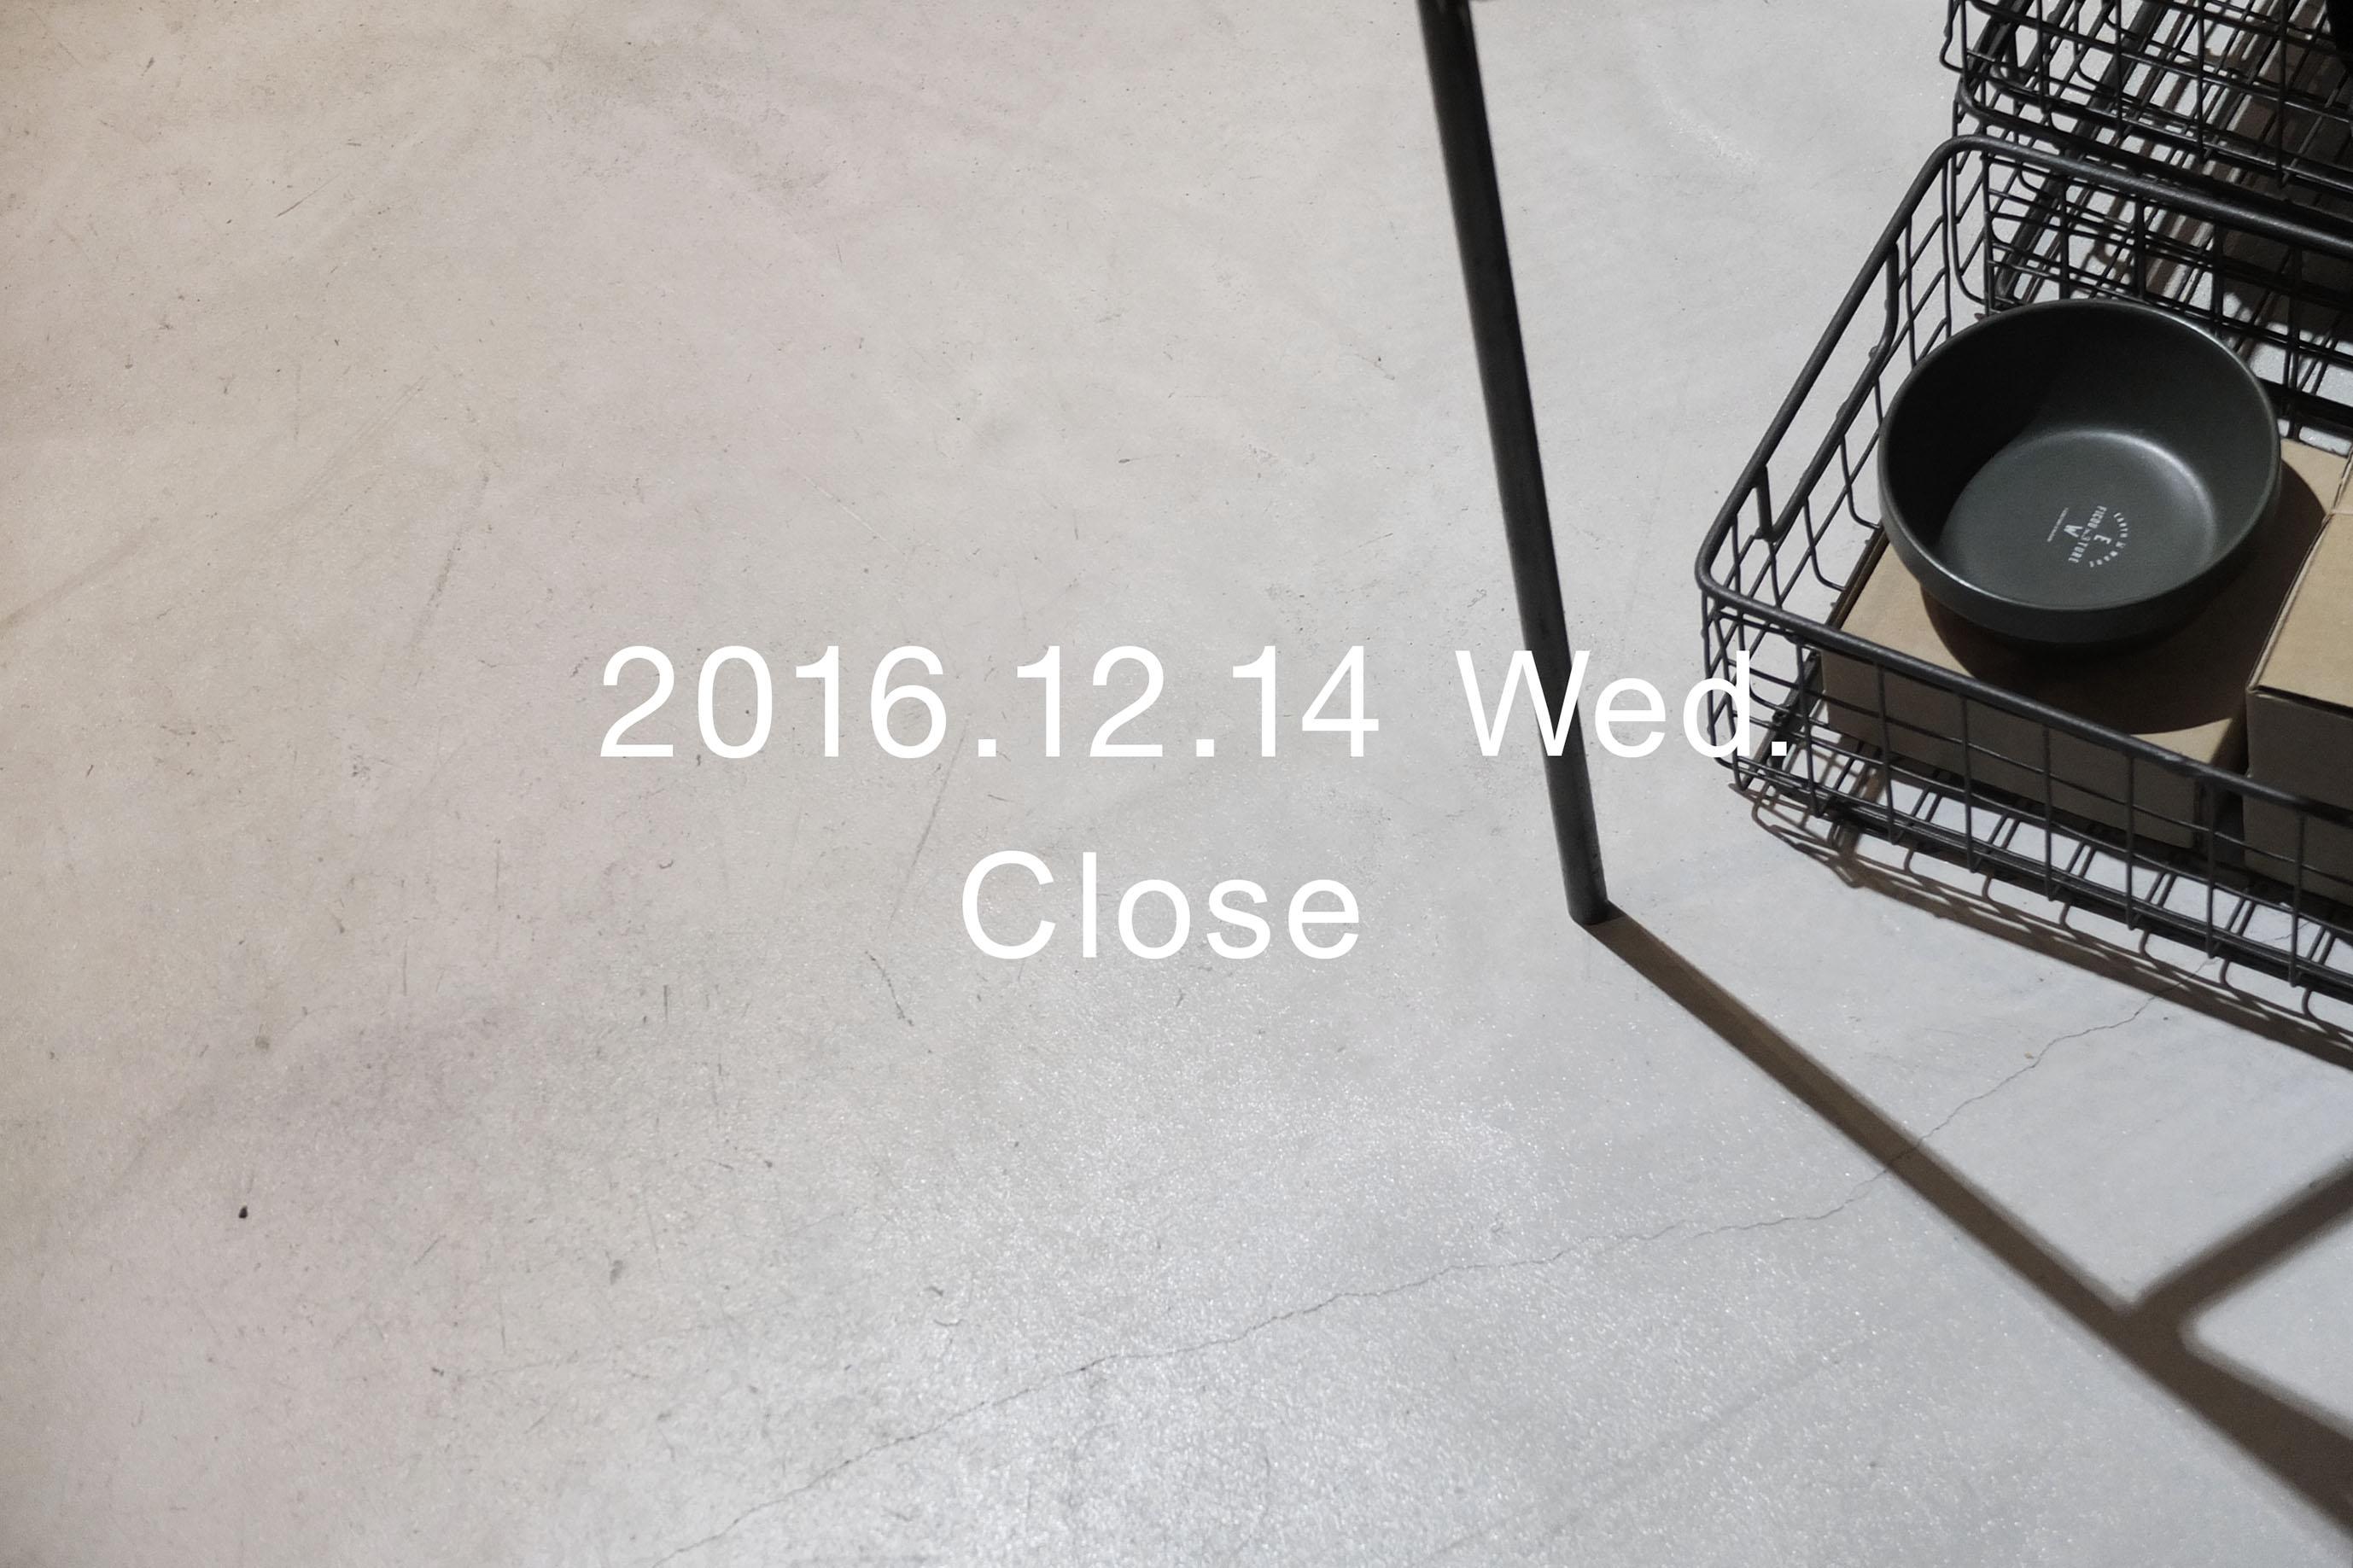 ss-close_20161214